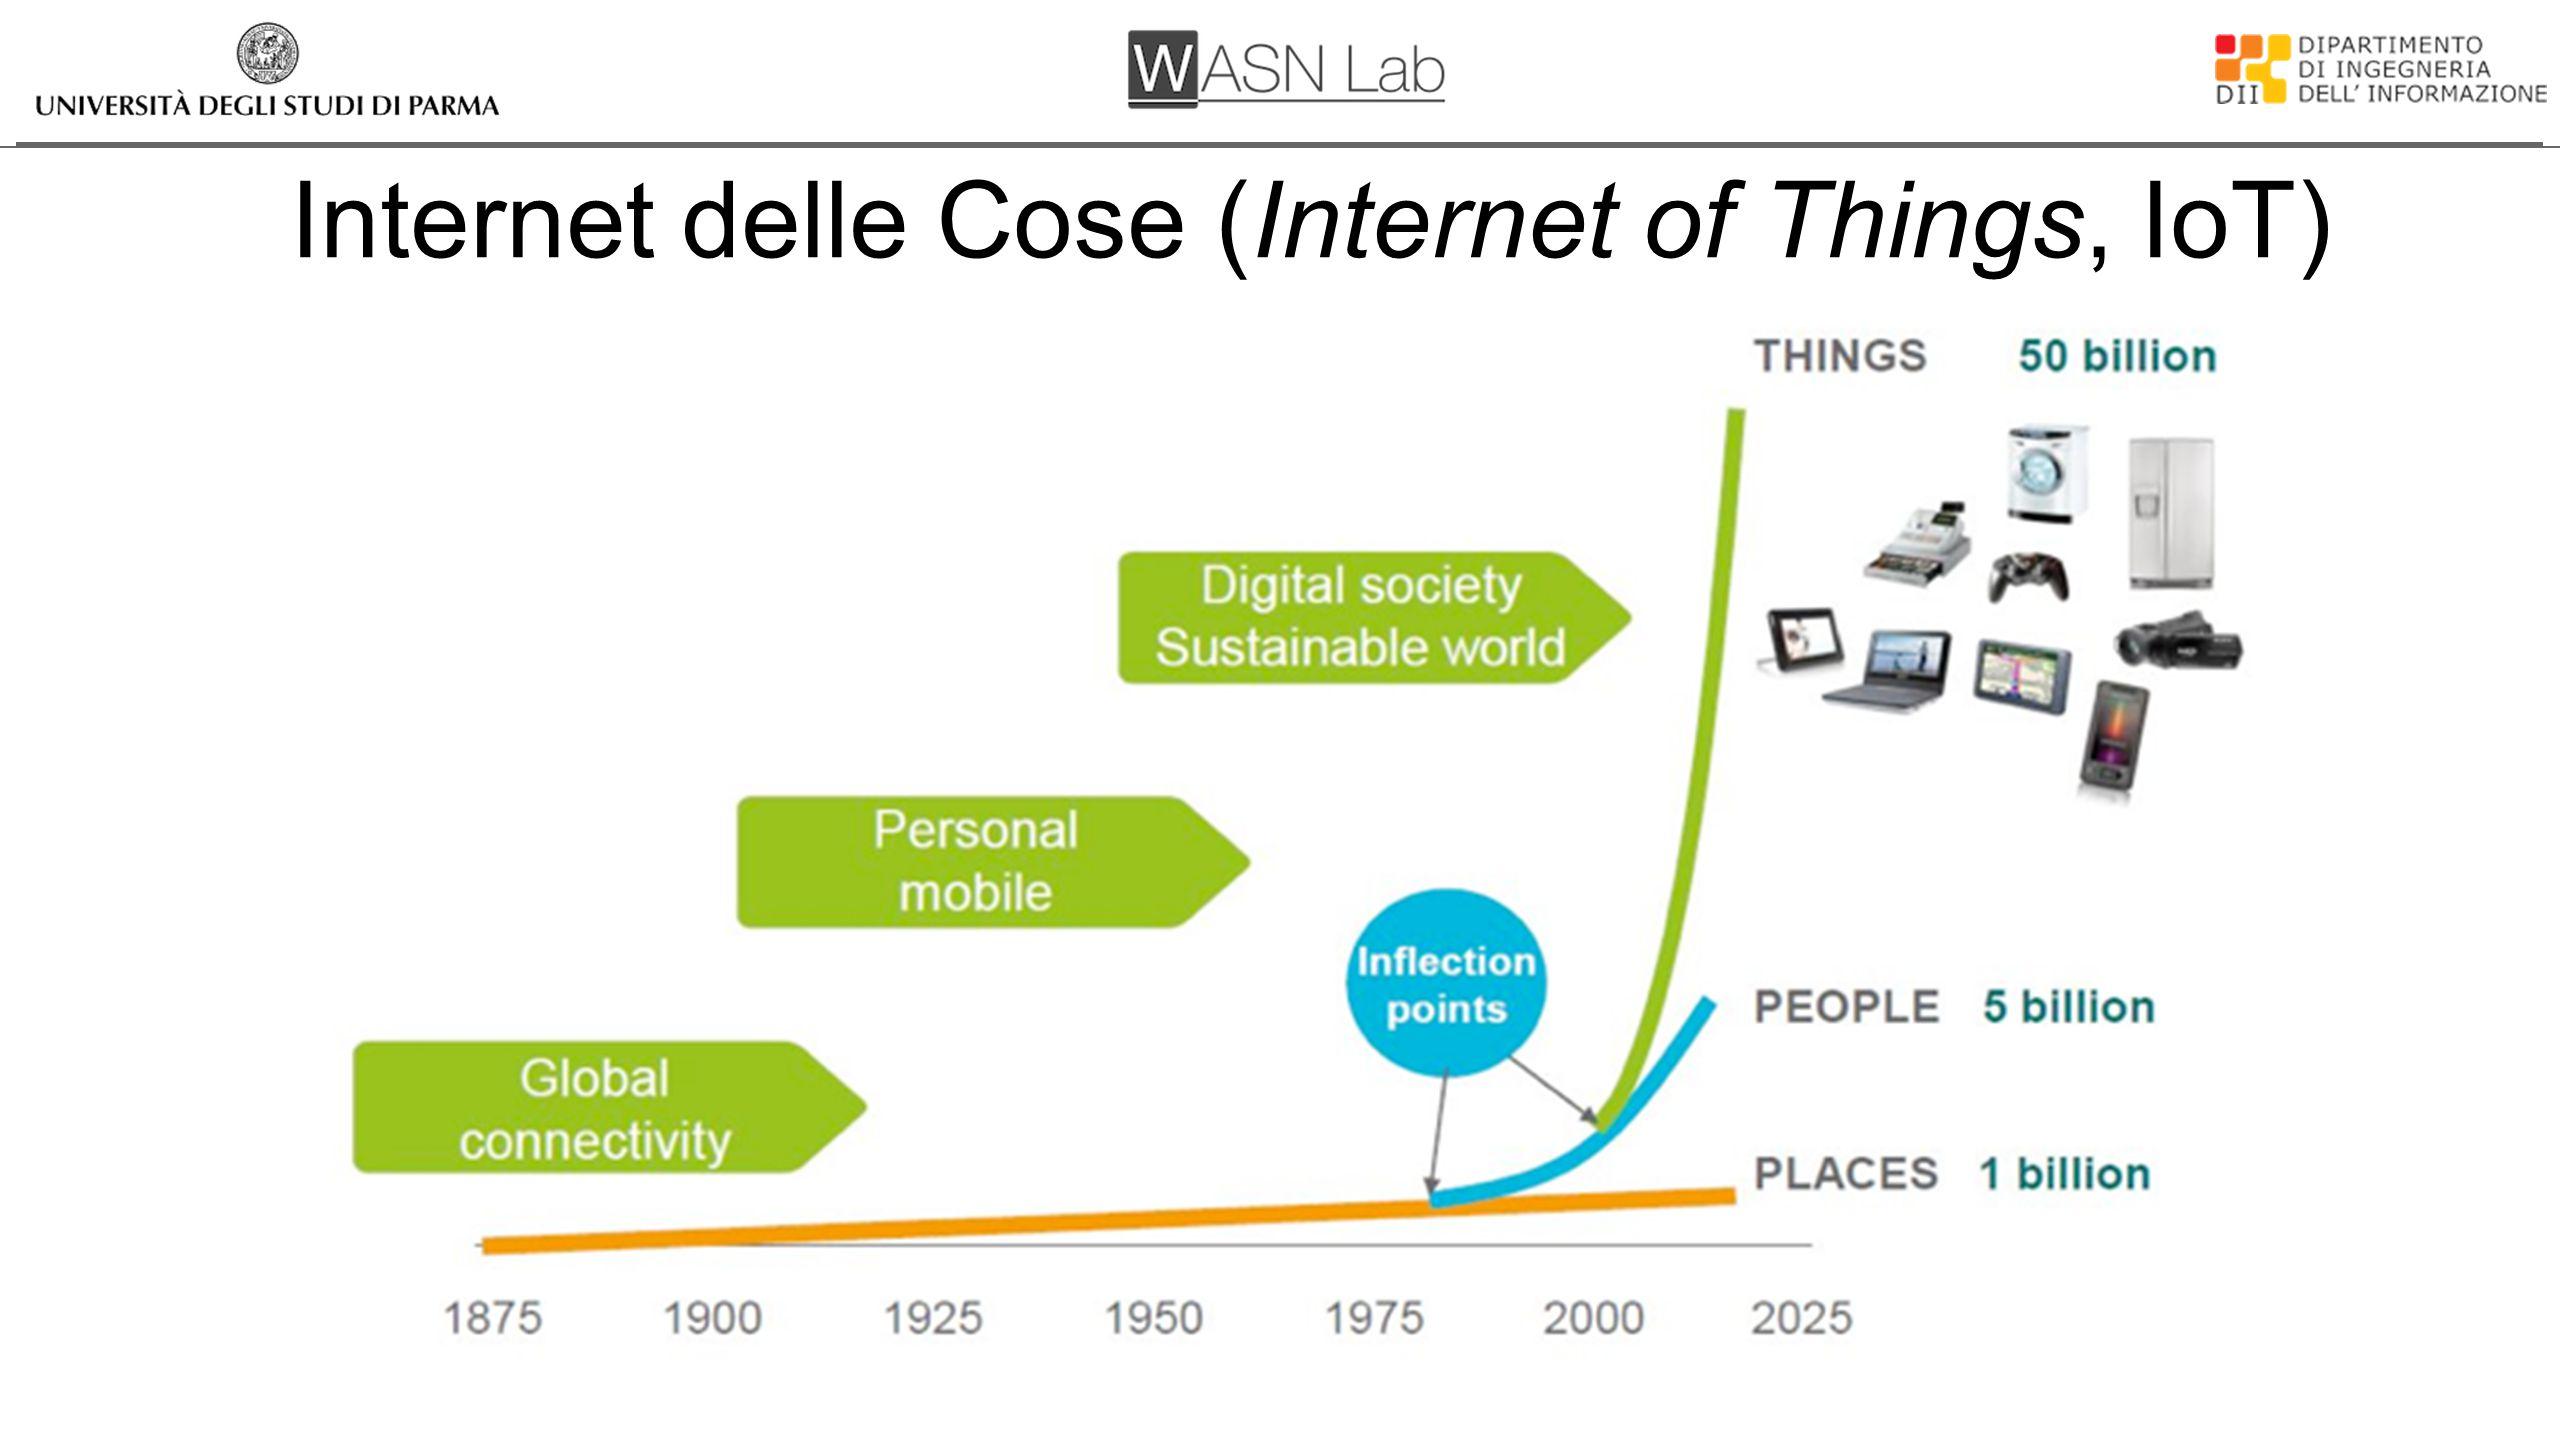 Internet of Simple Things 50 miliardi di dispositivi connessi (50 000 000 000) Scale up: il numero dei nodi Scale down: il singolo nodo (costo-complessità) -- cent, kylobyte, megahertz